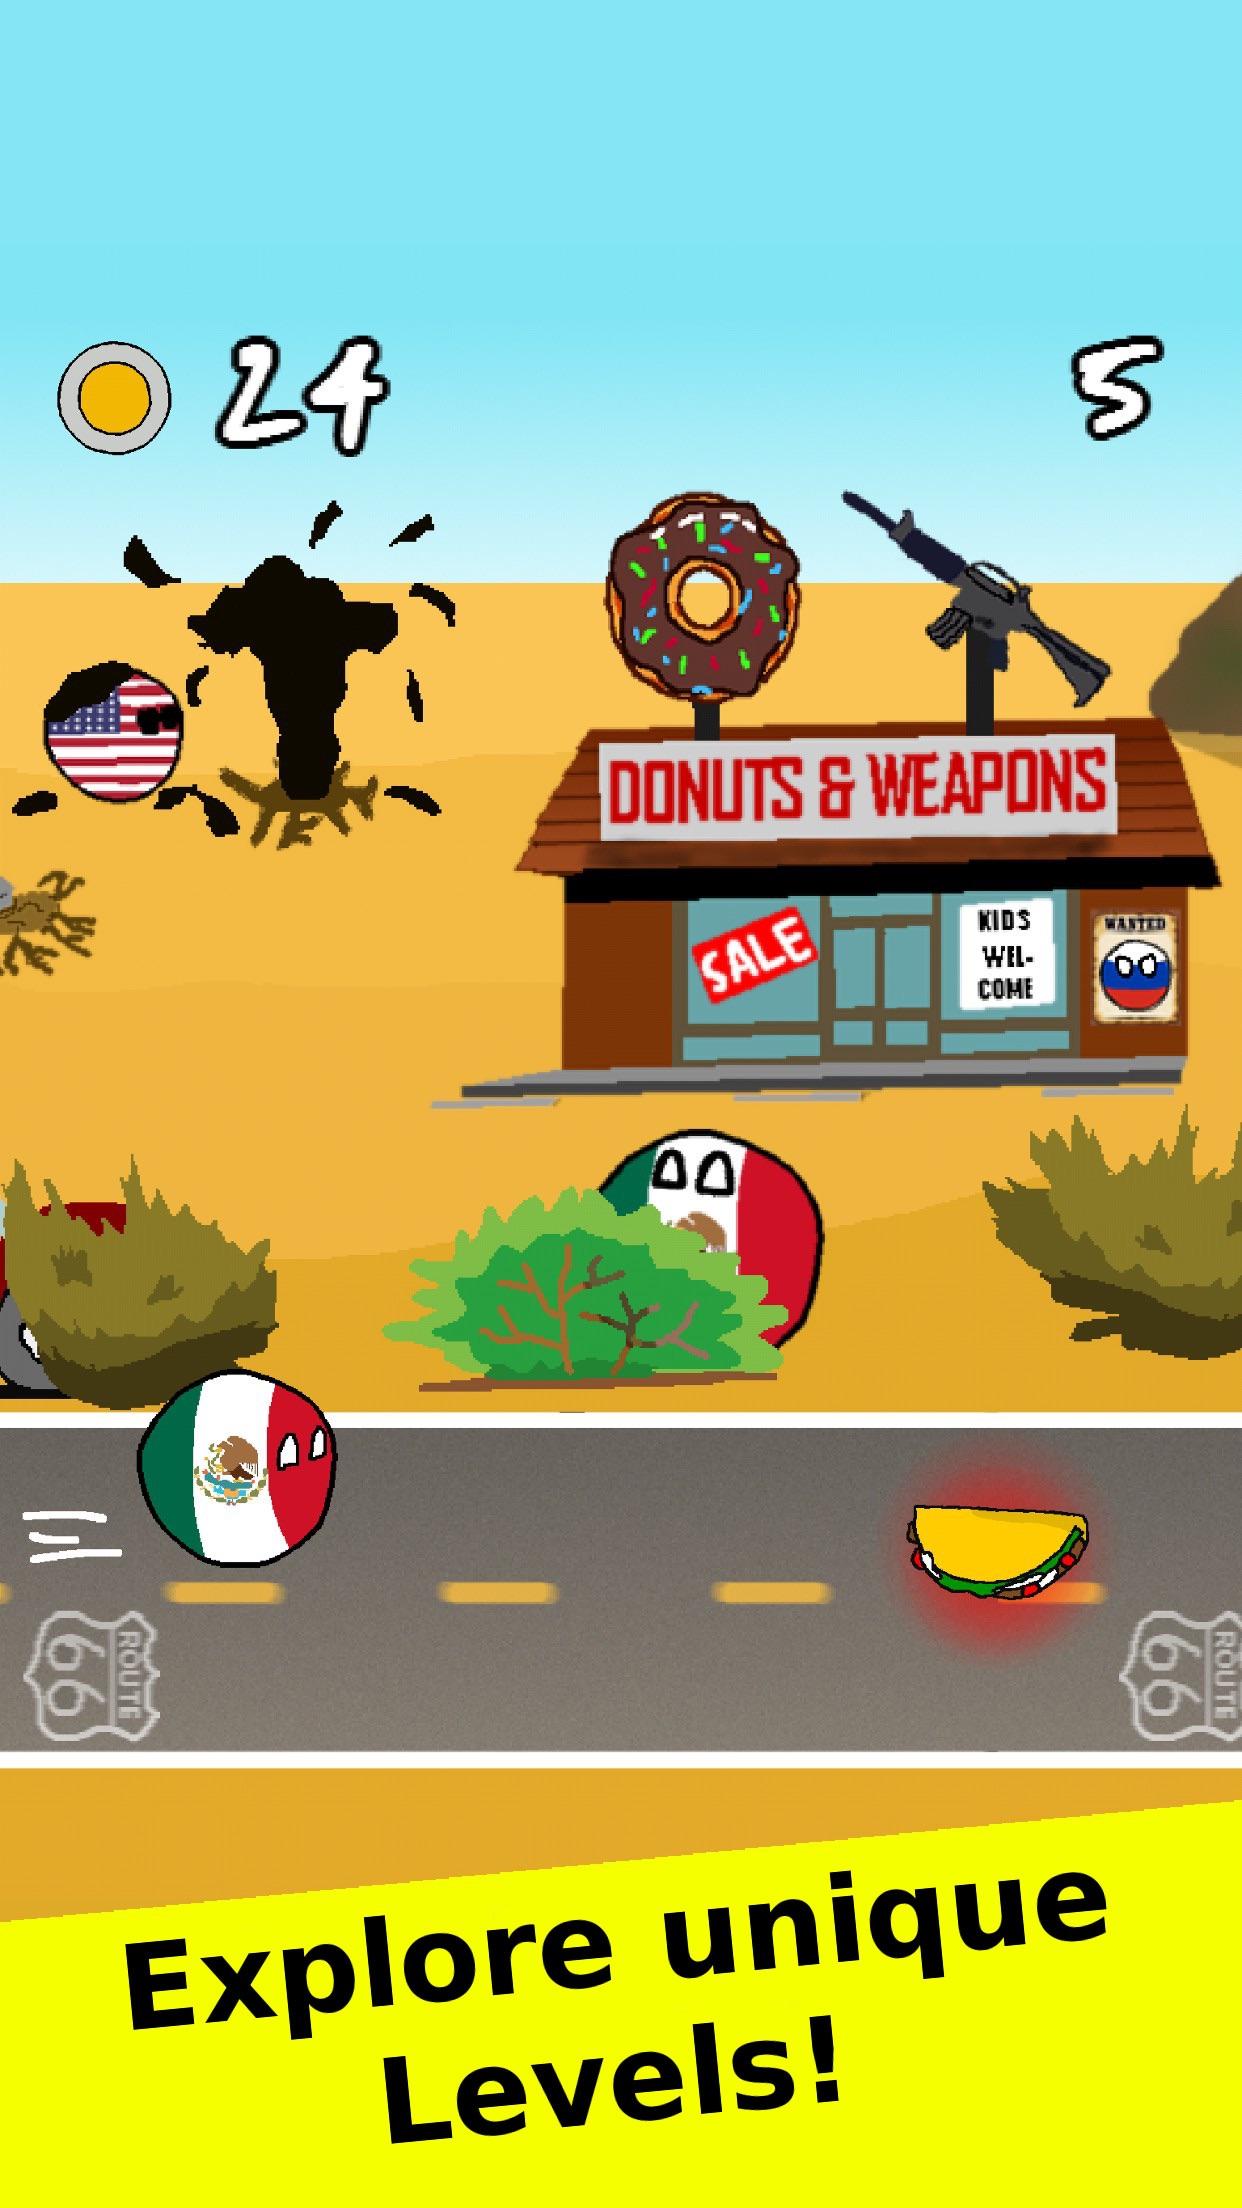 Countryballs - The Polandball Game Screenshot